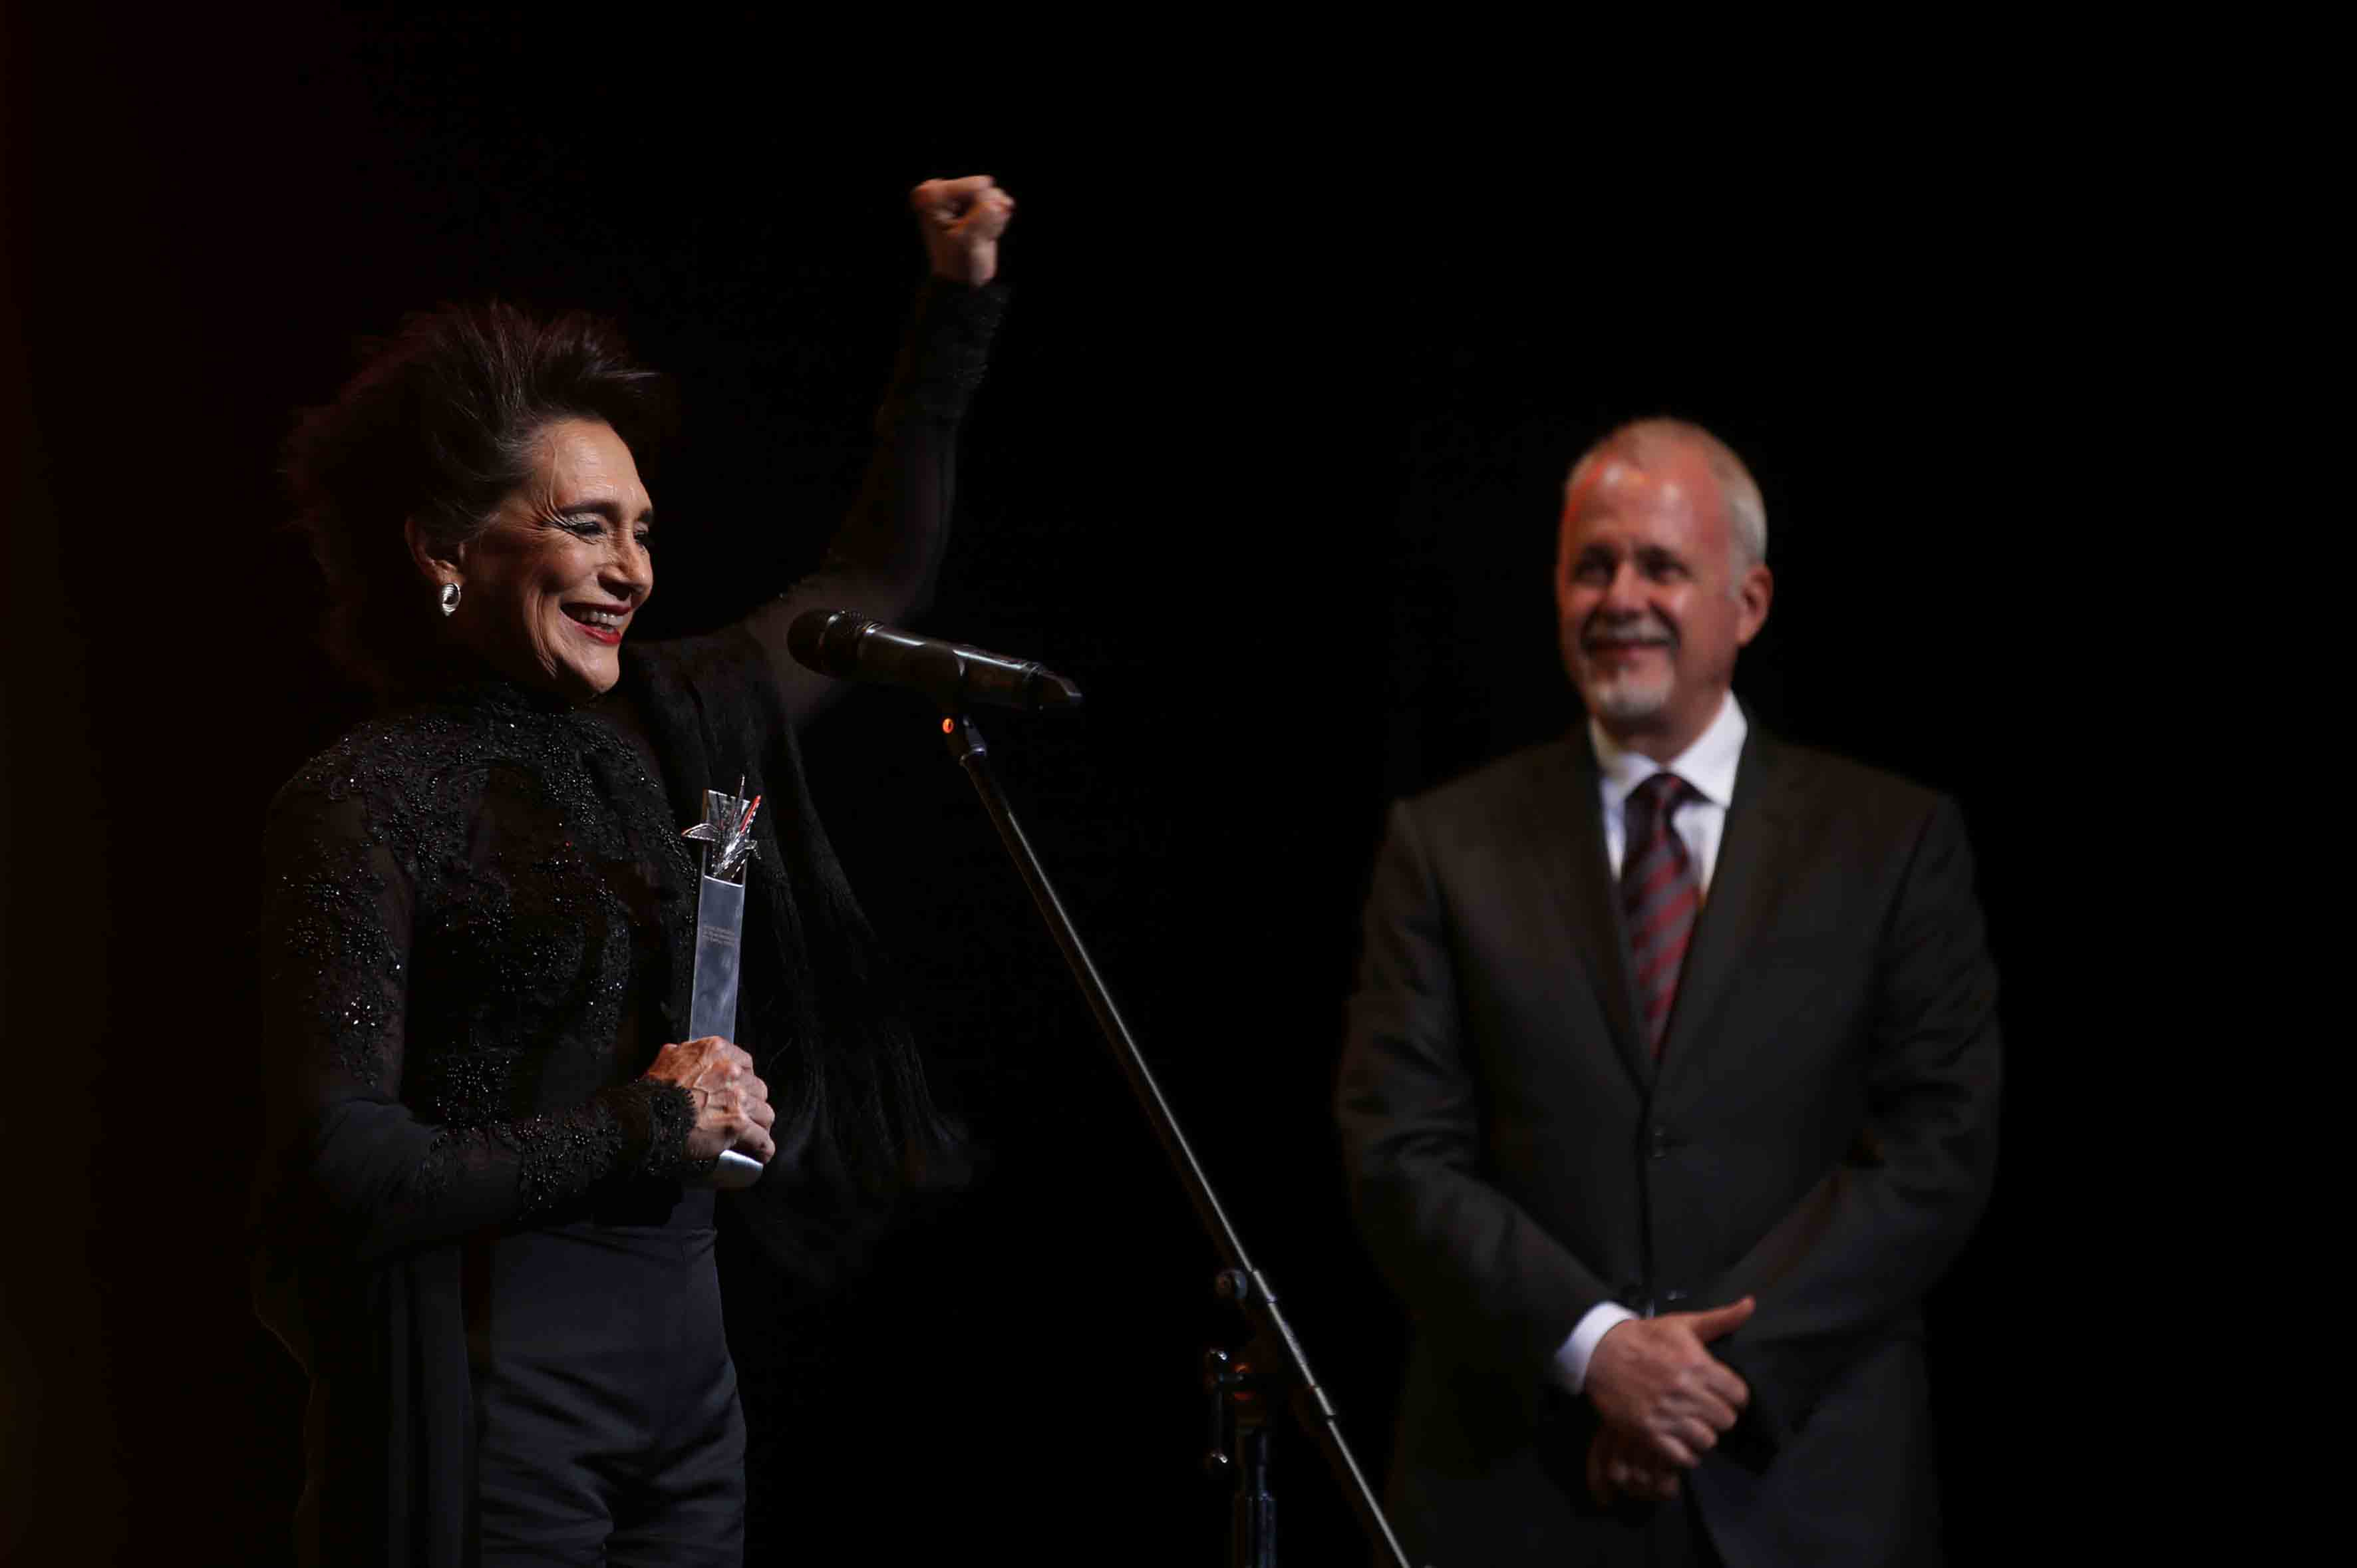 """Ofelia Medina, actriz, guionista, productora y activista social mexicana, haciendo uso de la palabra, posterior a la entrega de su premio """"Mayahuel de Plata""""."""